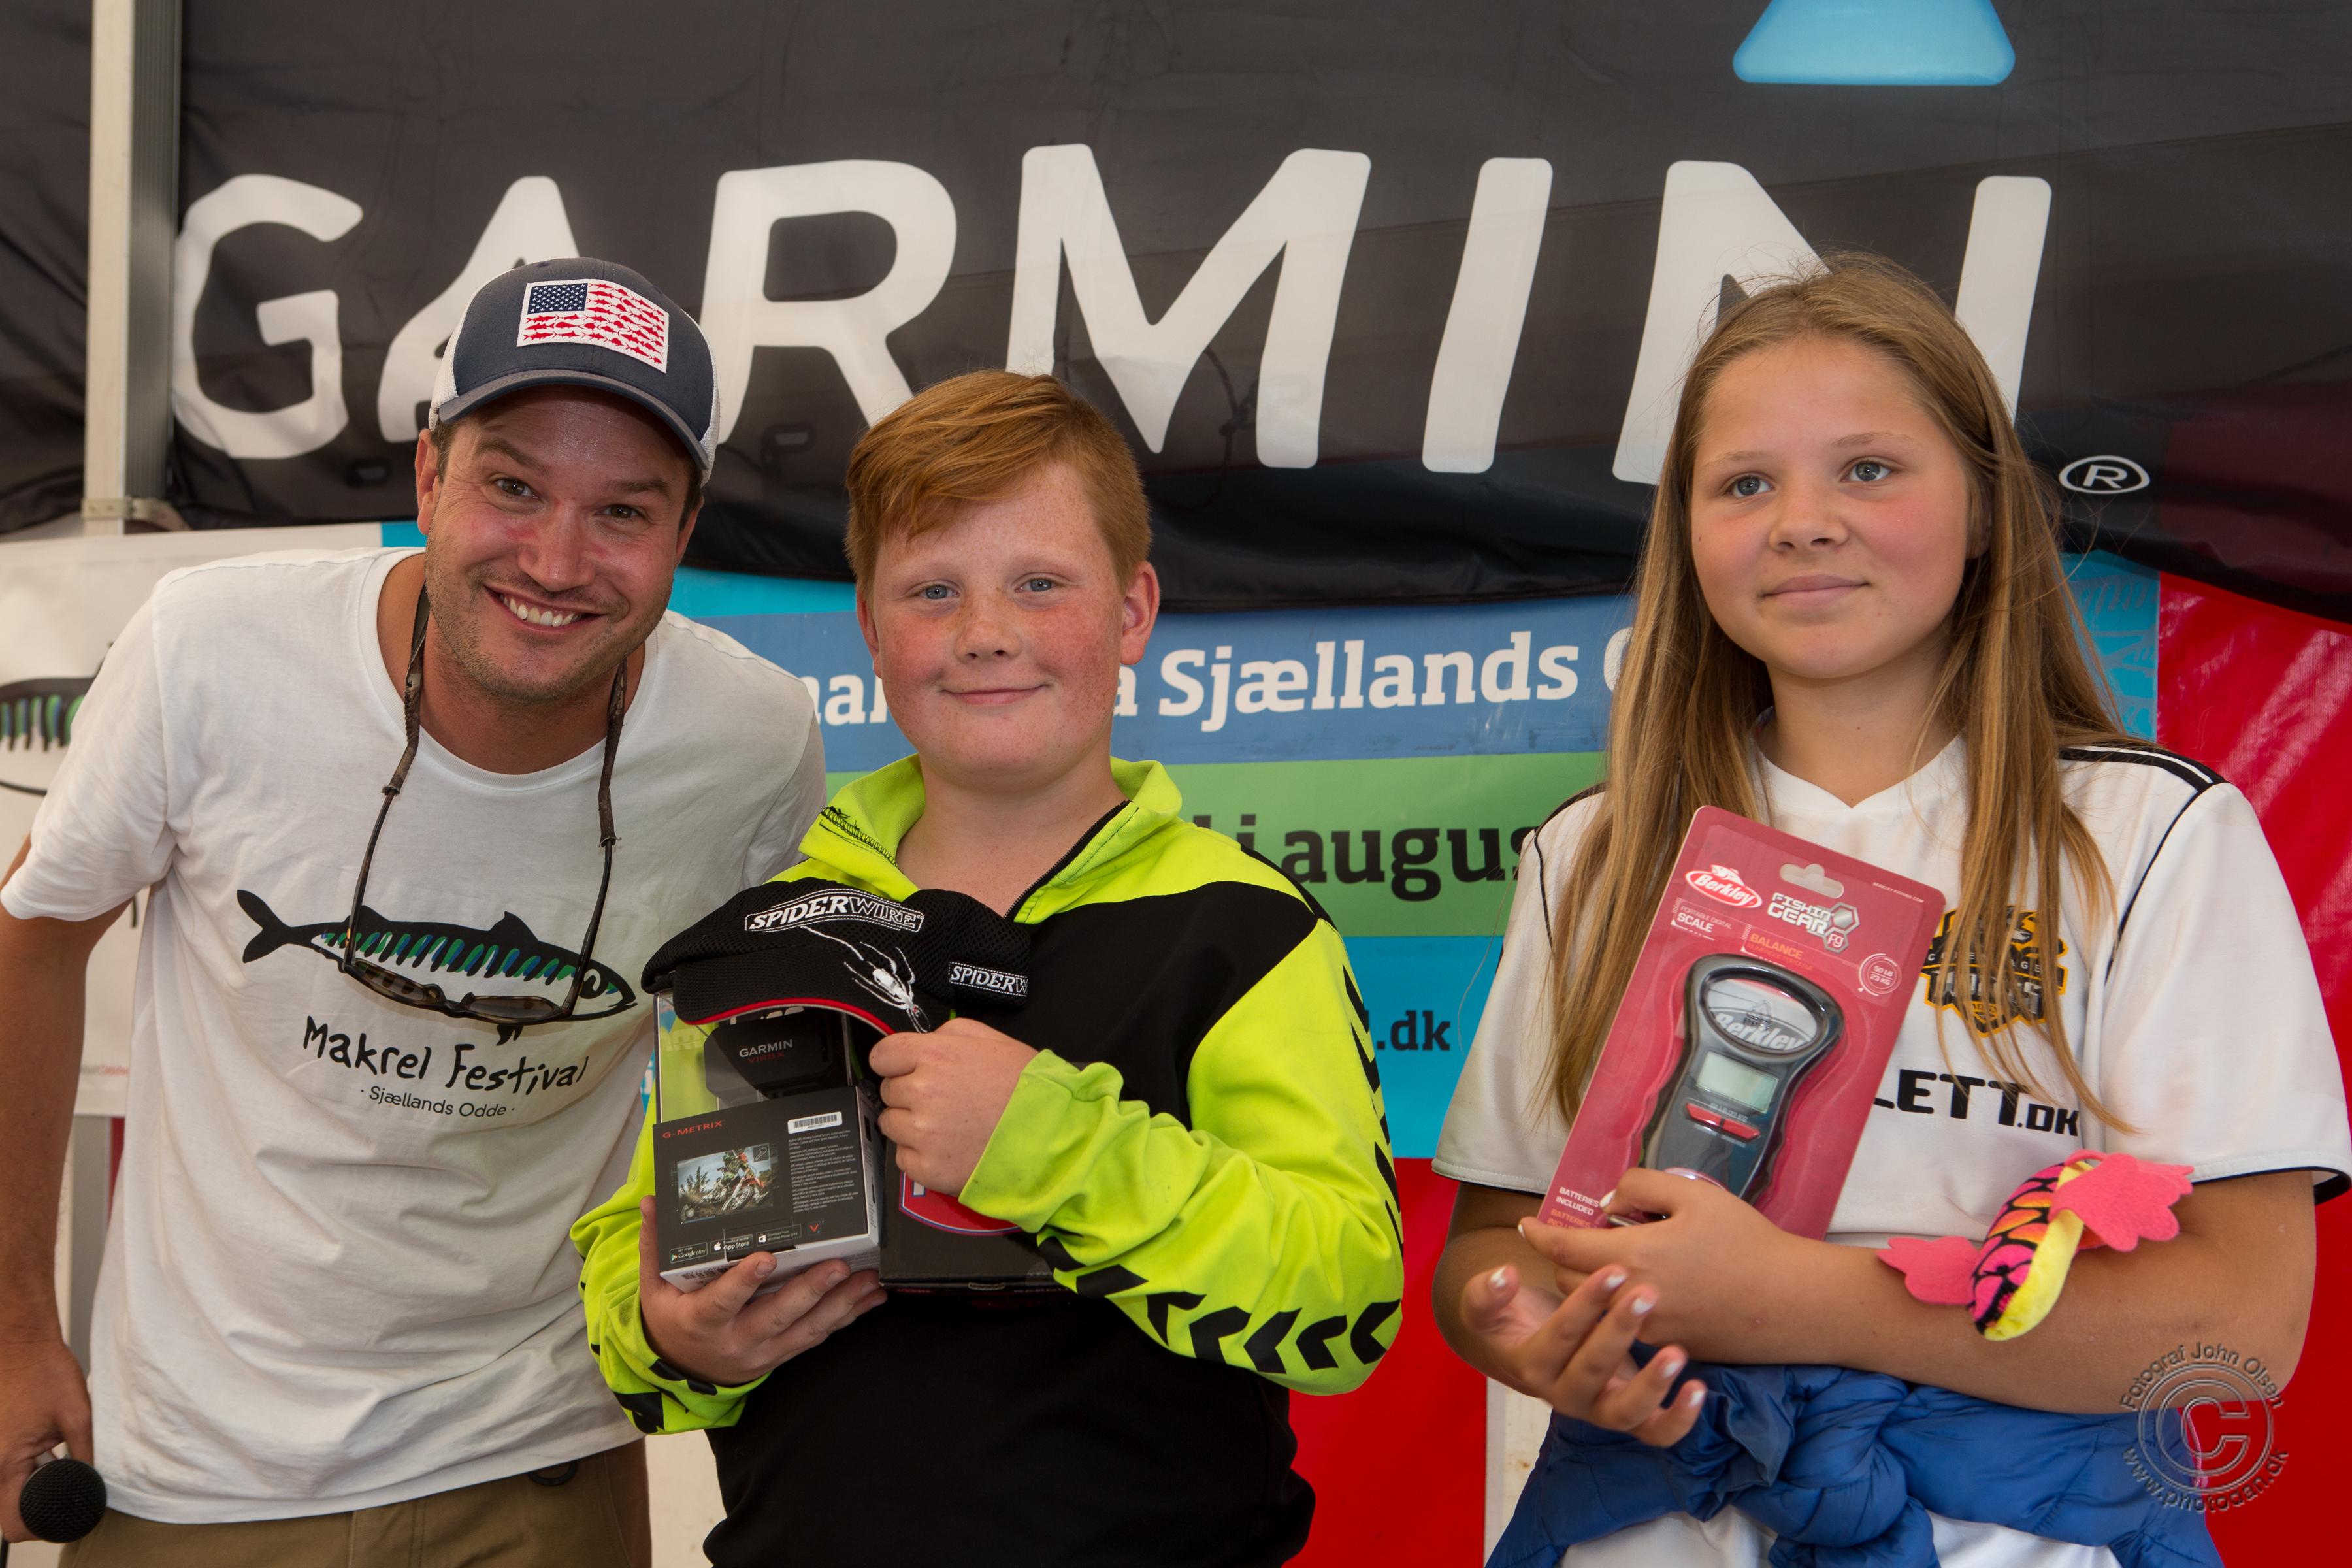 De var gang i de rigtig store makreller til årets Makrel Fiskeri, og selv i ynglinge kategorien var snit størrelsen rigtig pæn. Nicolai Jørgensen vandt kategorien med en fisk på XX gram.